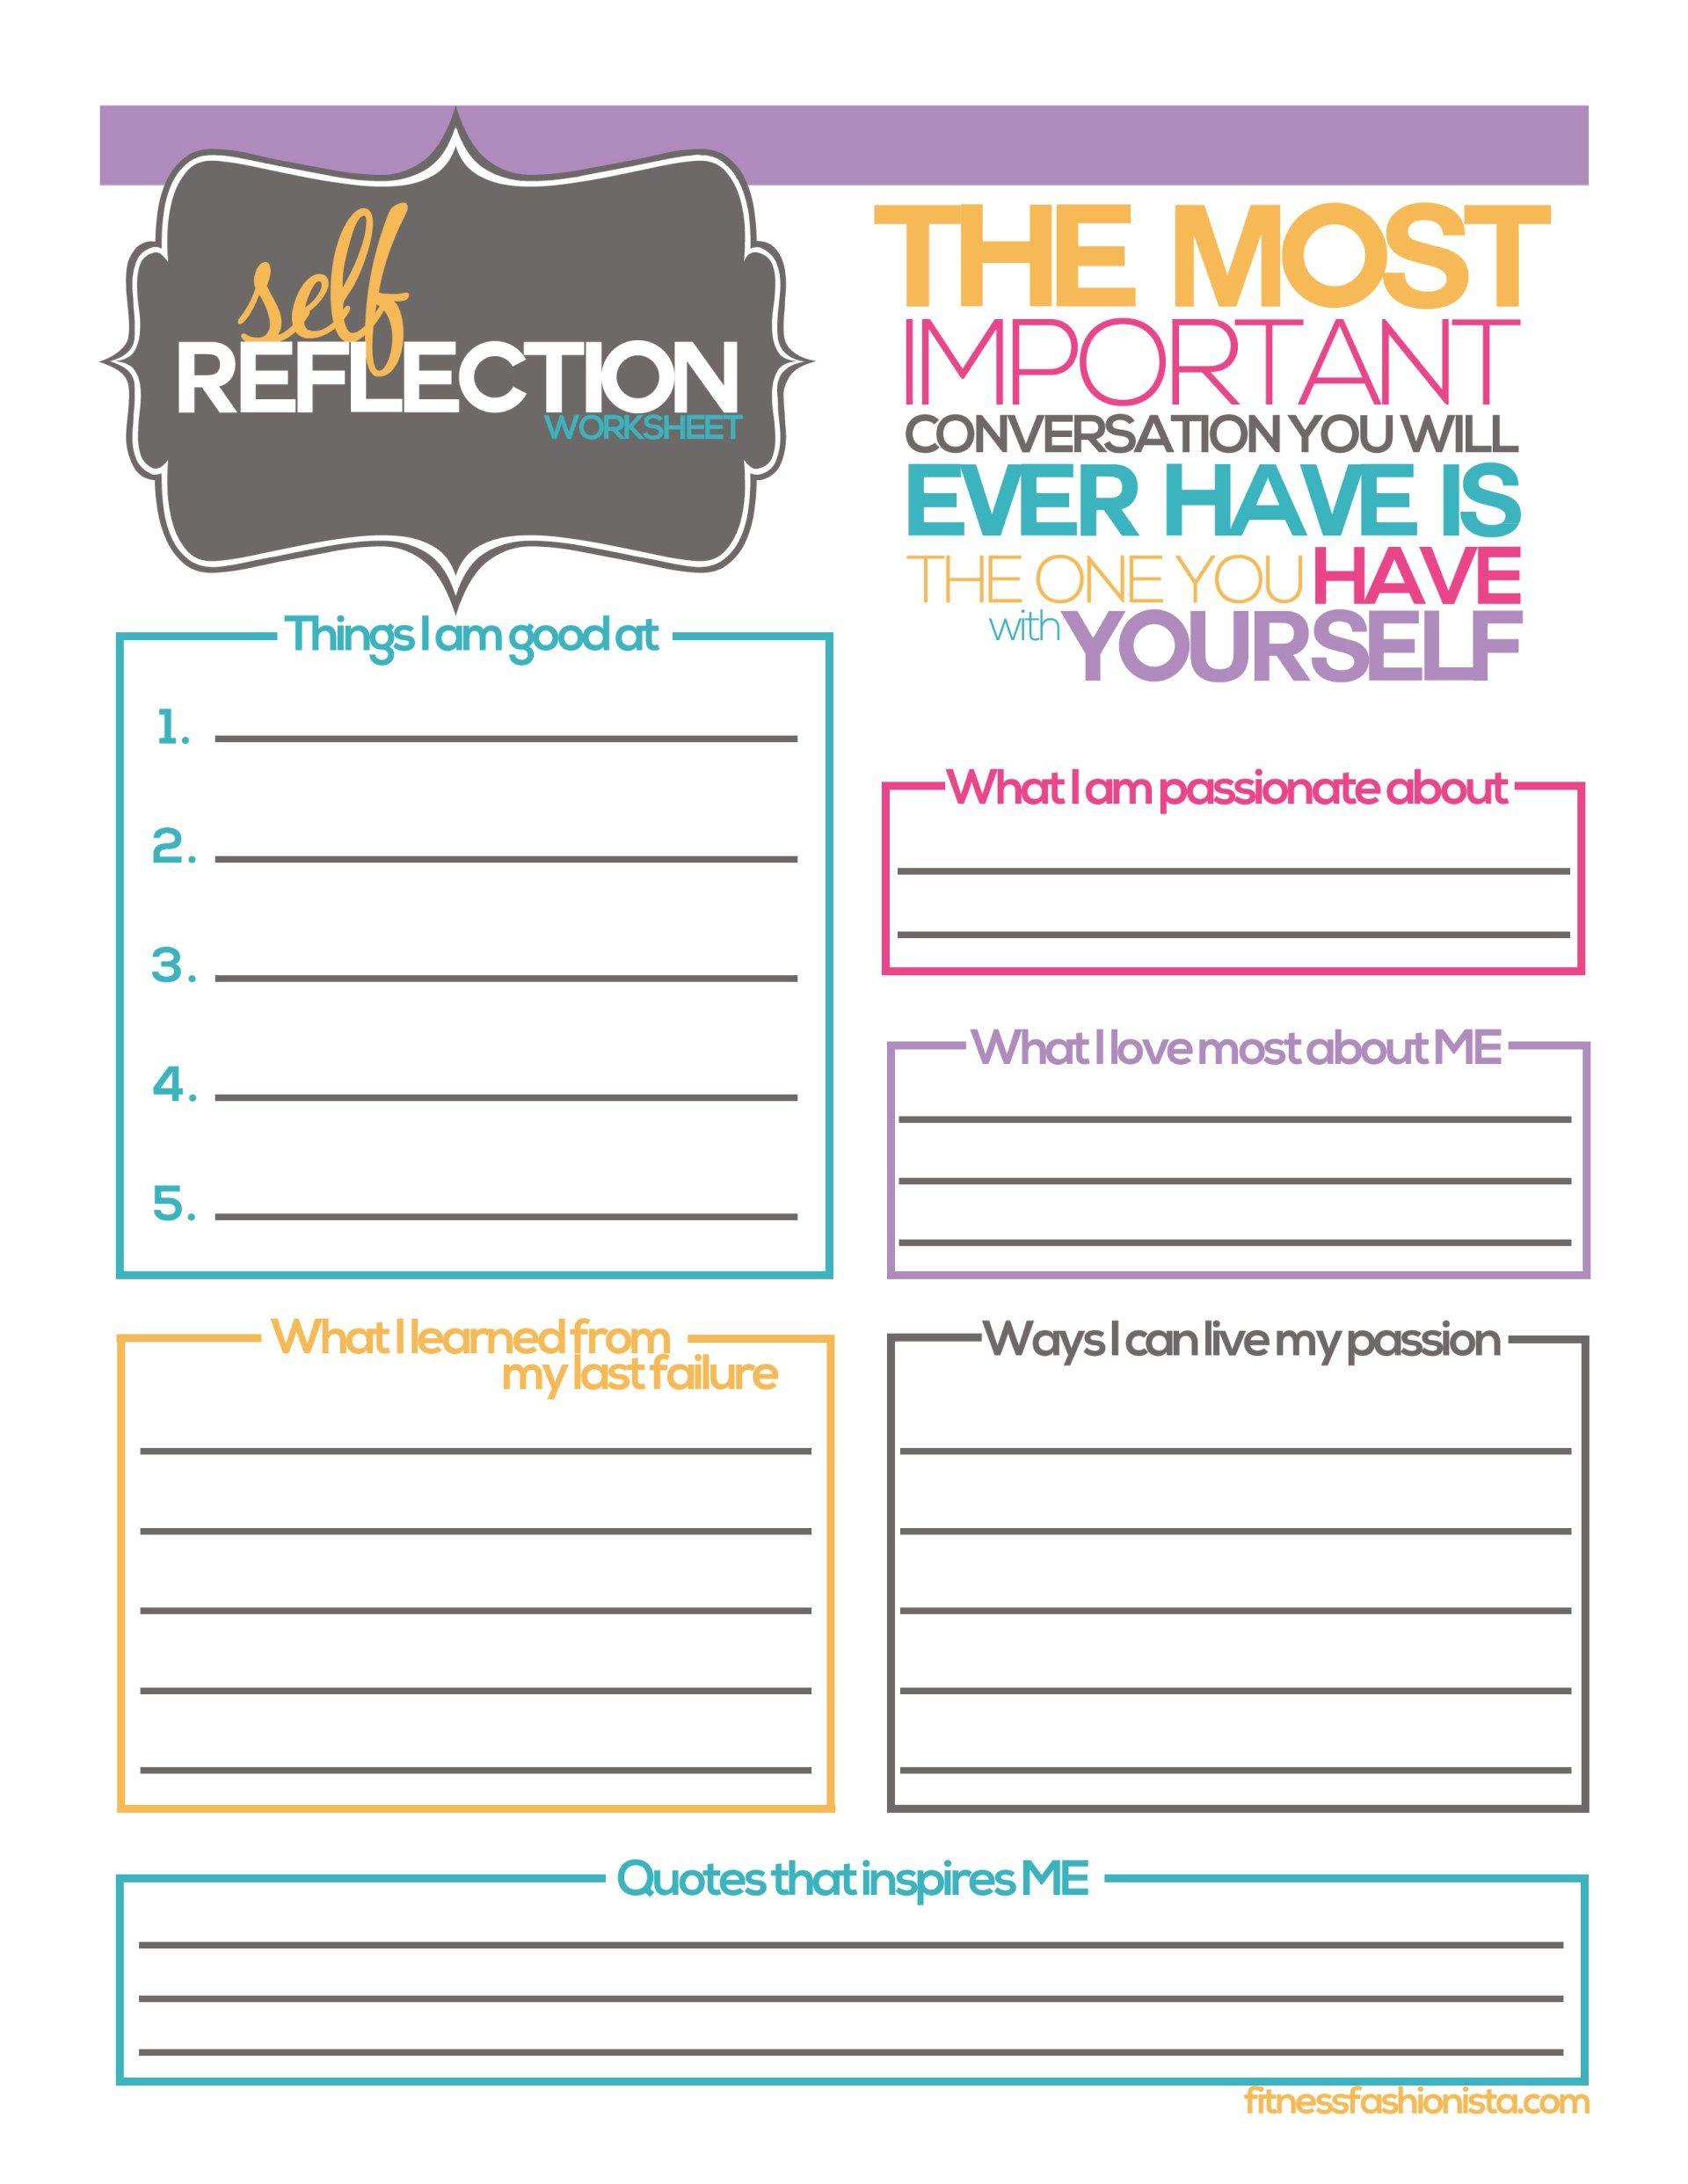 Worksheets Reflection Worksheet self reflection worksheet quilt designs pinterest worksheets worksheet